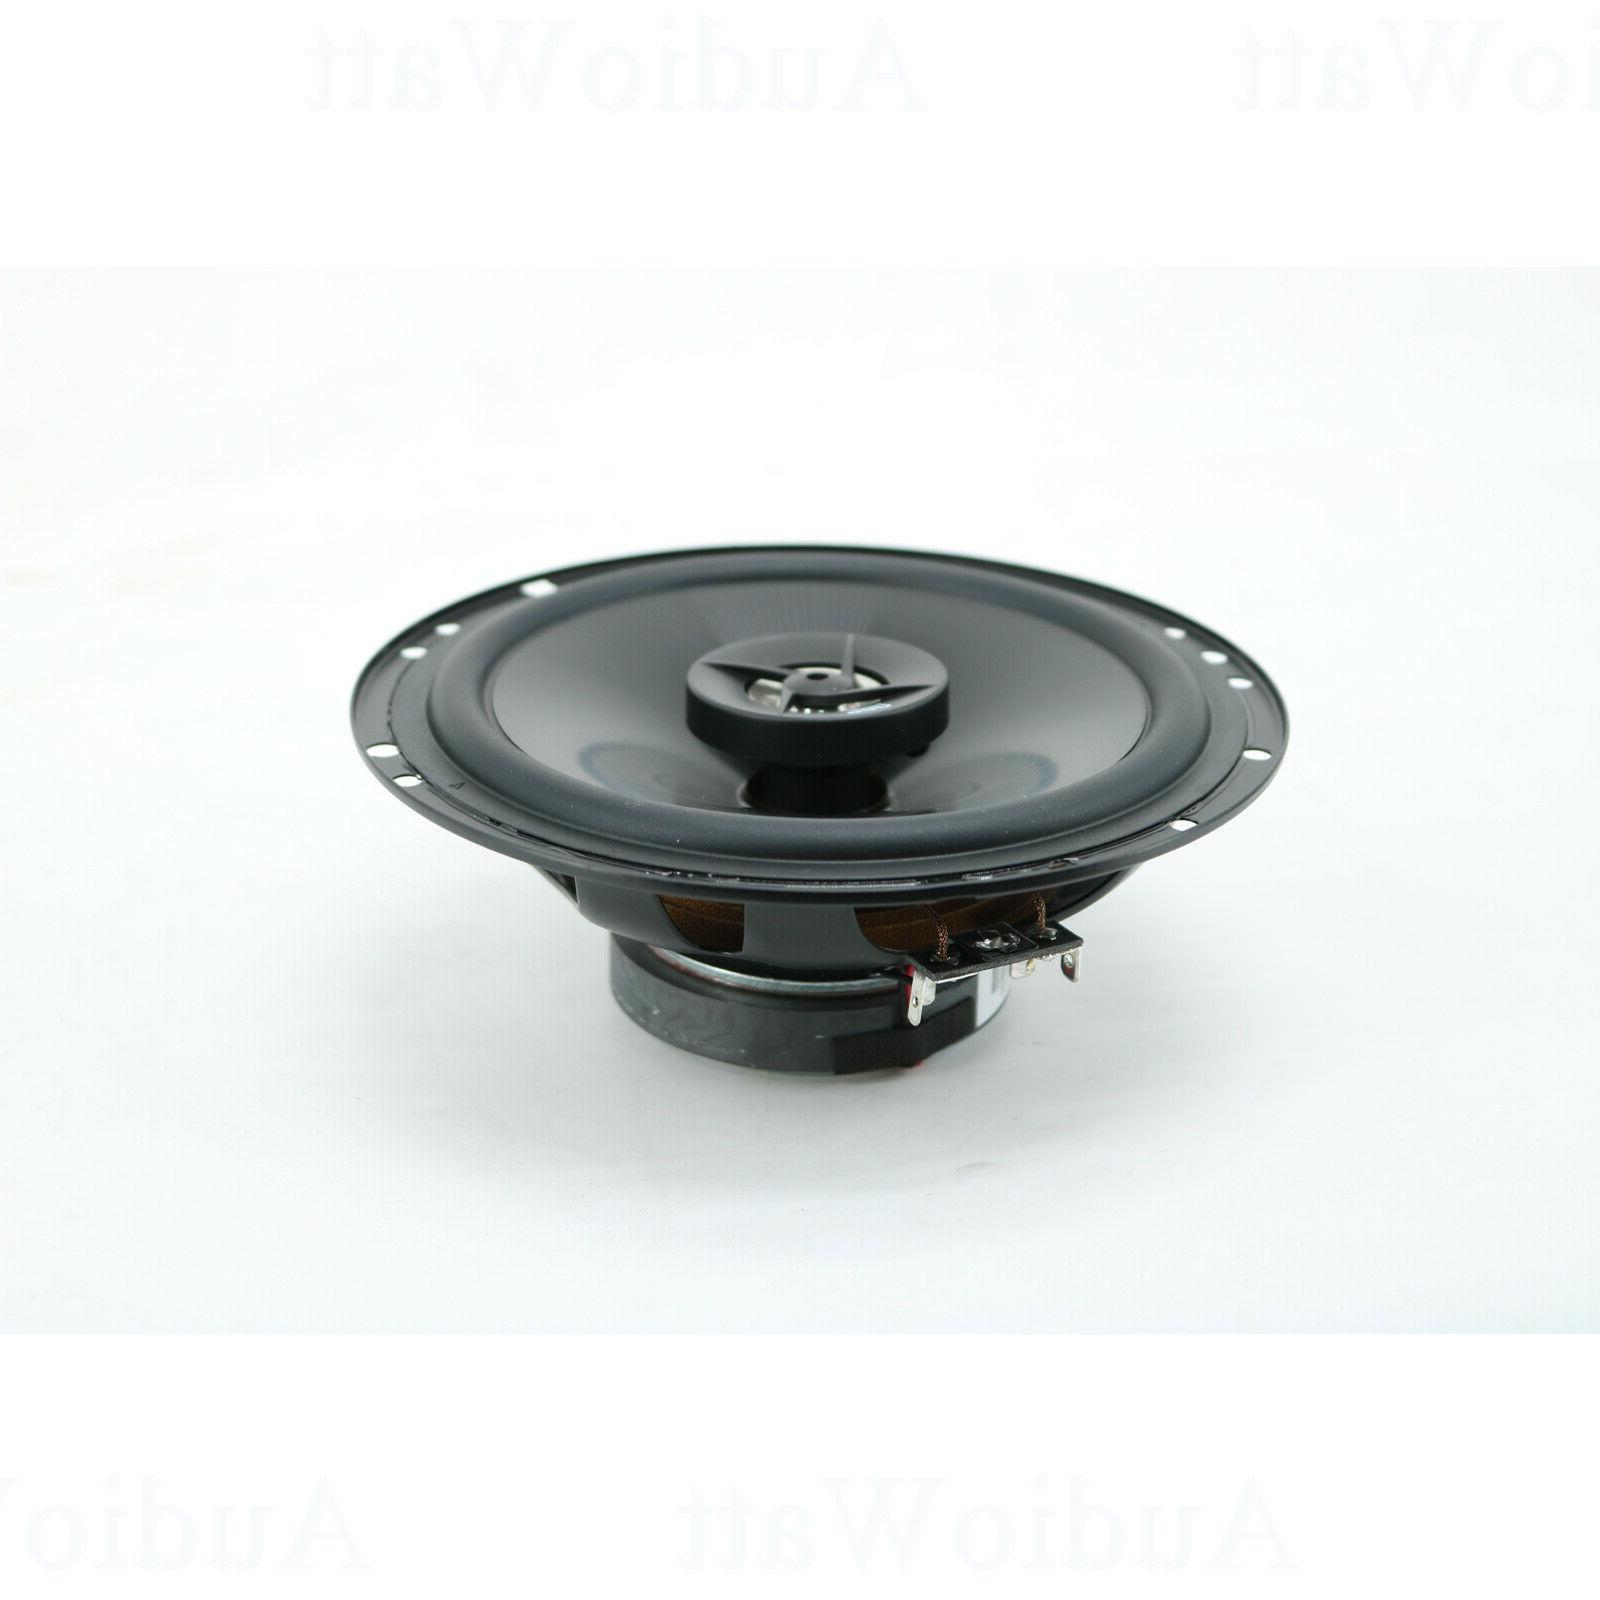 JBL Stage 602H 260W Dome Tweeters Car Speakers Series 1